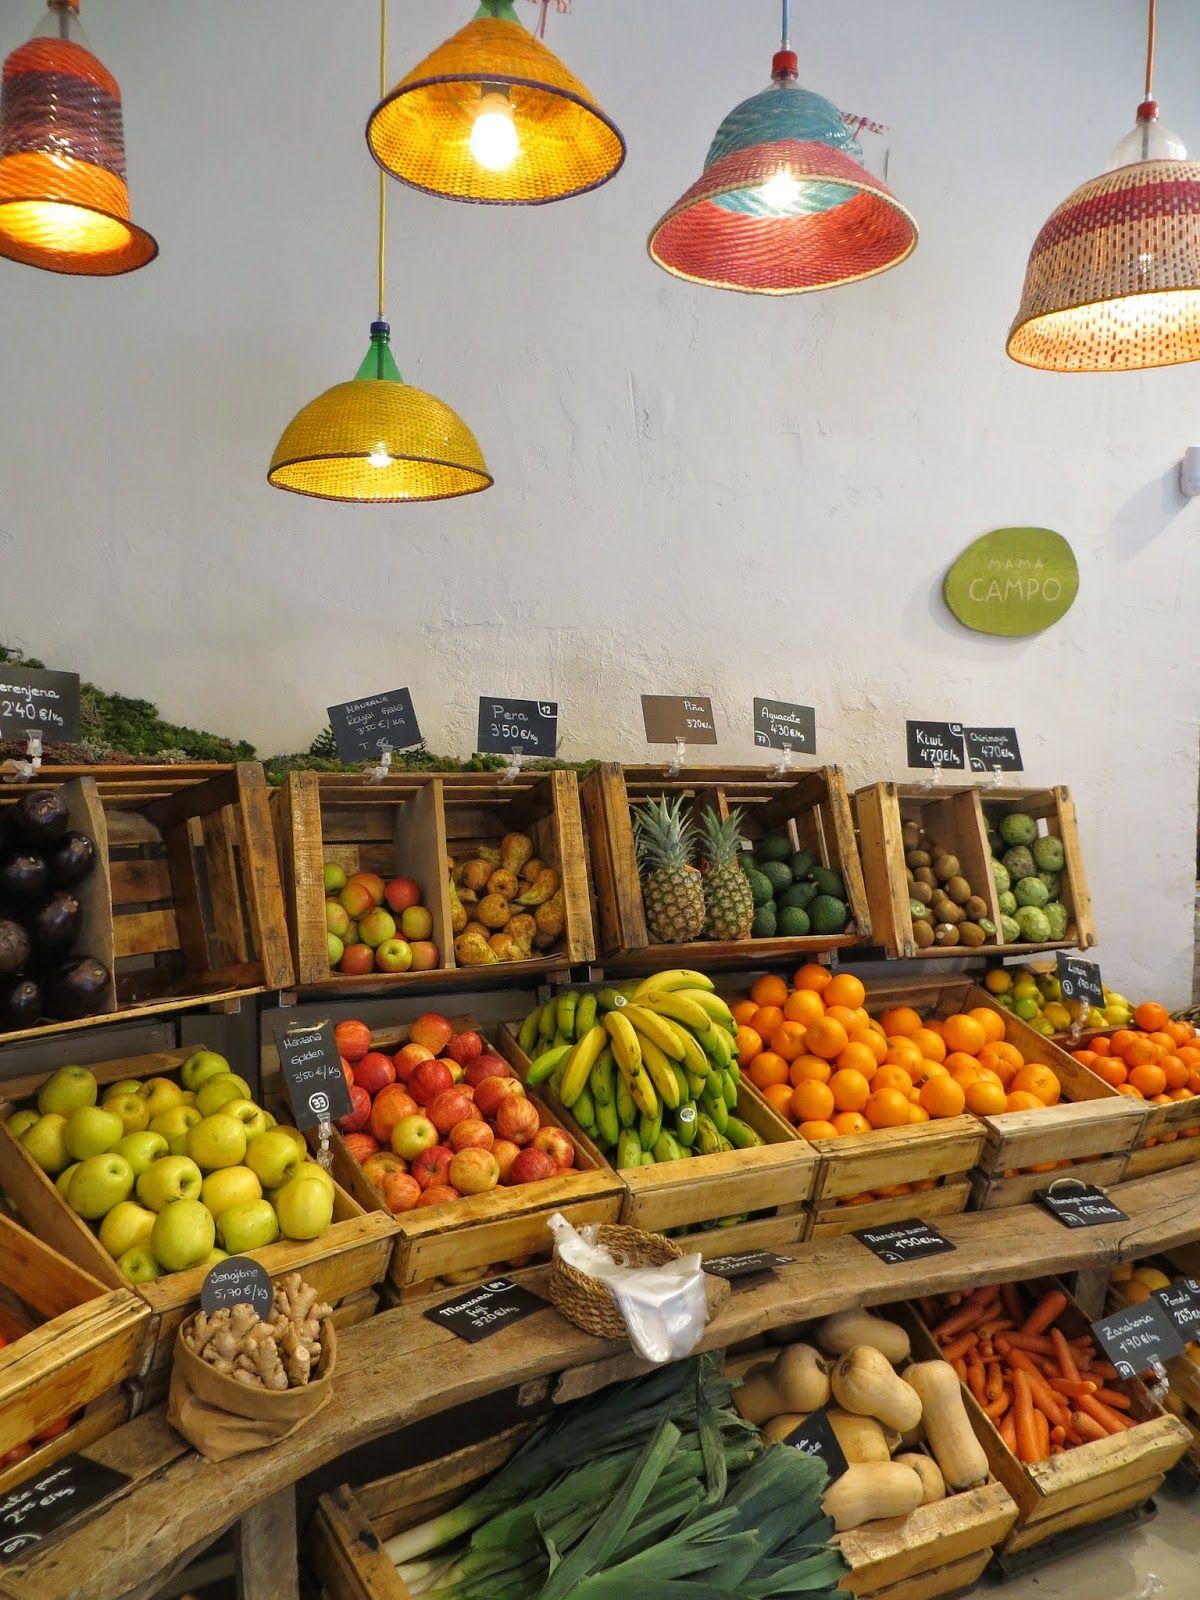 Dise o de fruter as madrid fruter a dise o comercial for Decoracion de fruterias